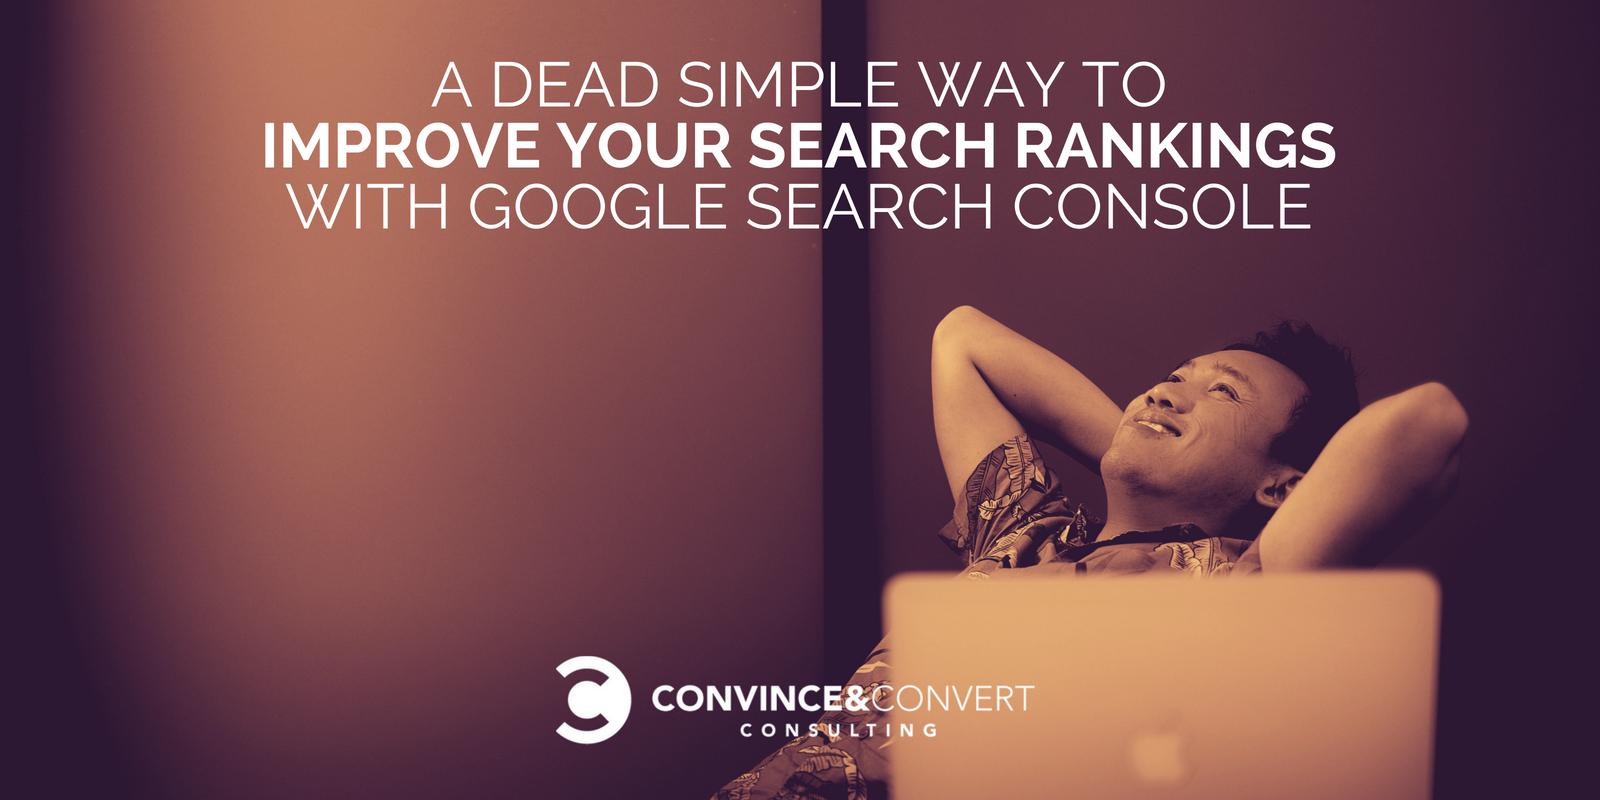 Migliora i tuoi risultati di ricerca con Google Search Console